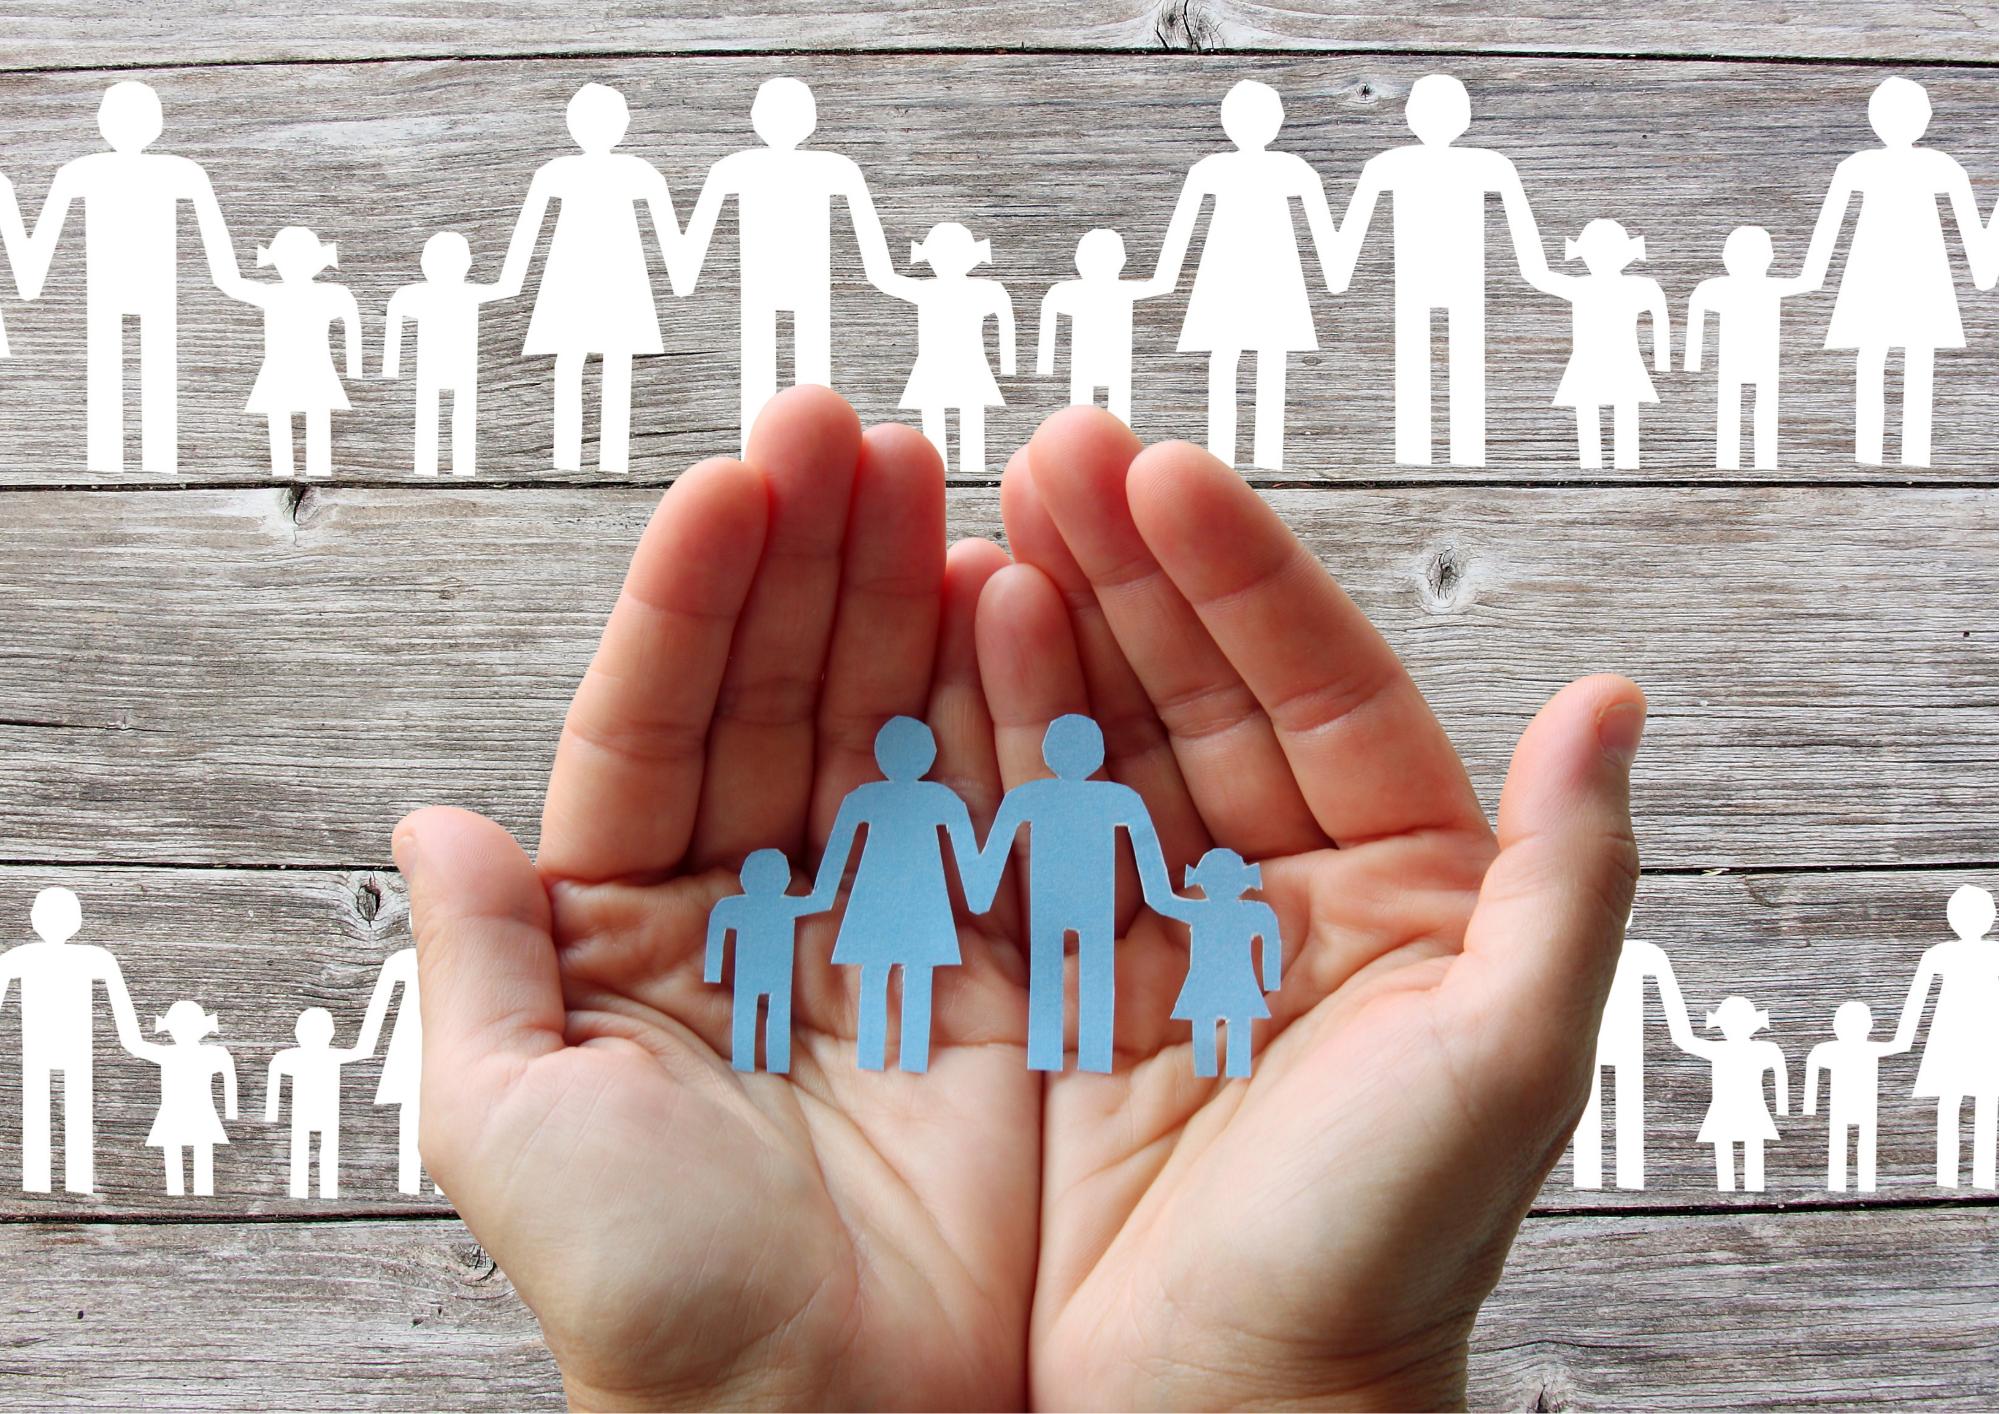 agevolazioni-fiscali-2021-per-nuclei-familiari-1611567159.png